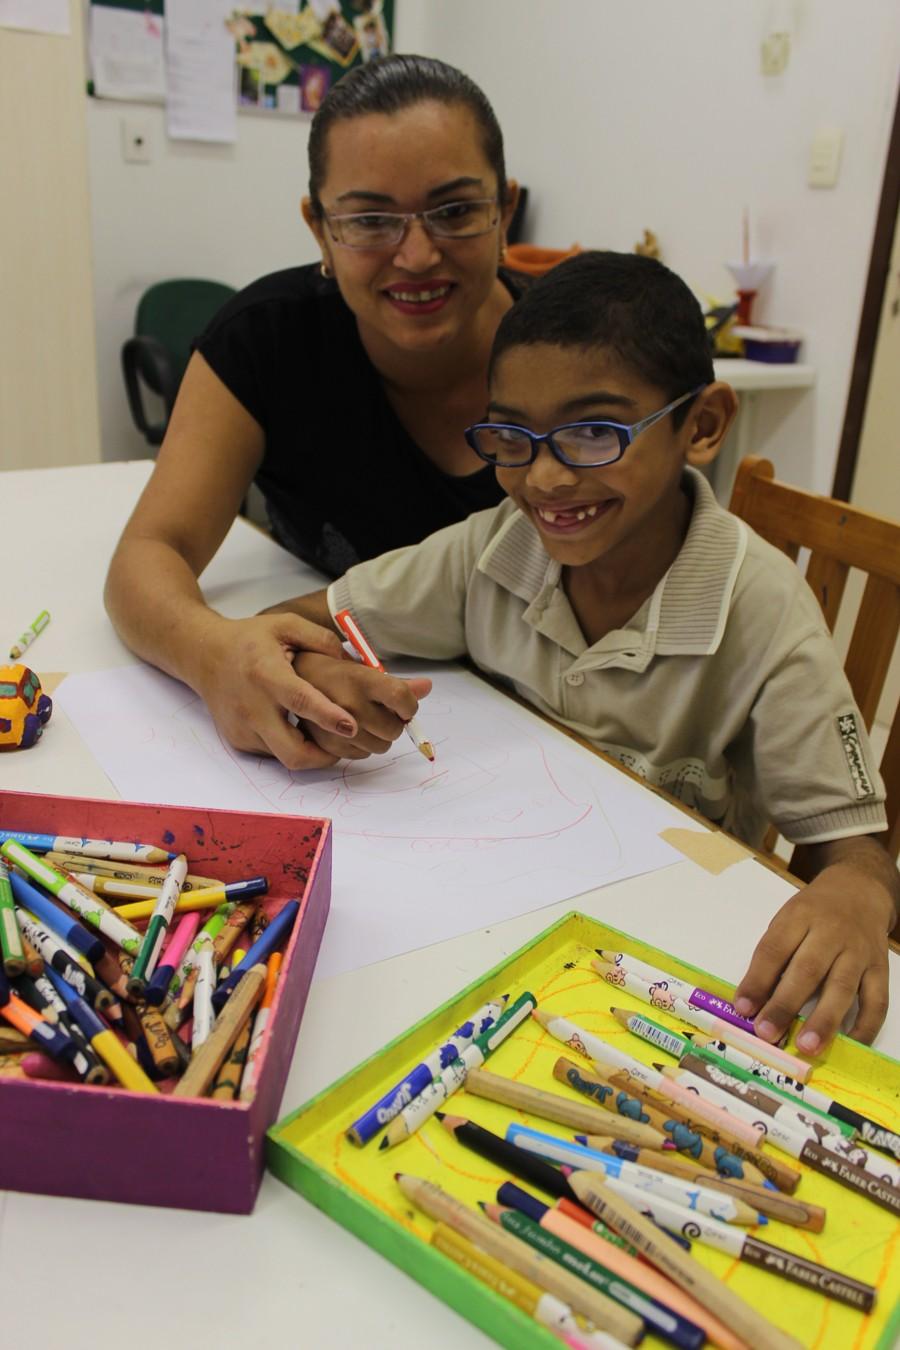 Mãe acompanha atividades do filho quatro dias na semana no Centro de Reabilitação (Foto: Patrícia Andrade/G1)